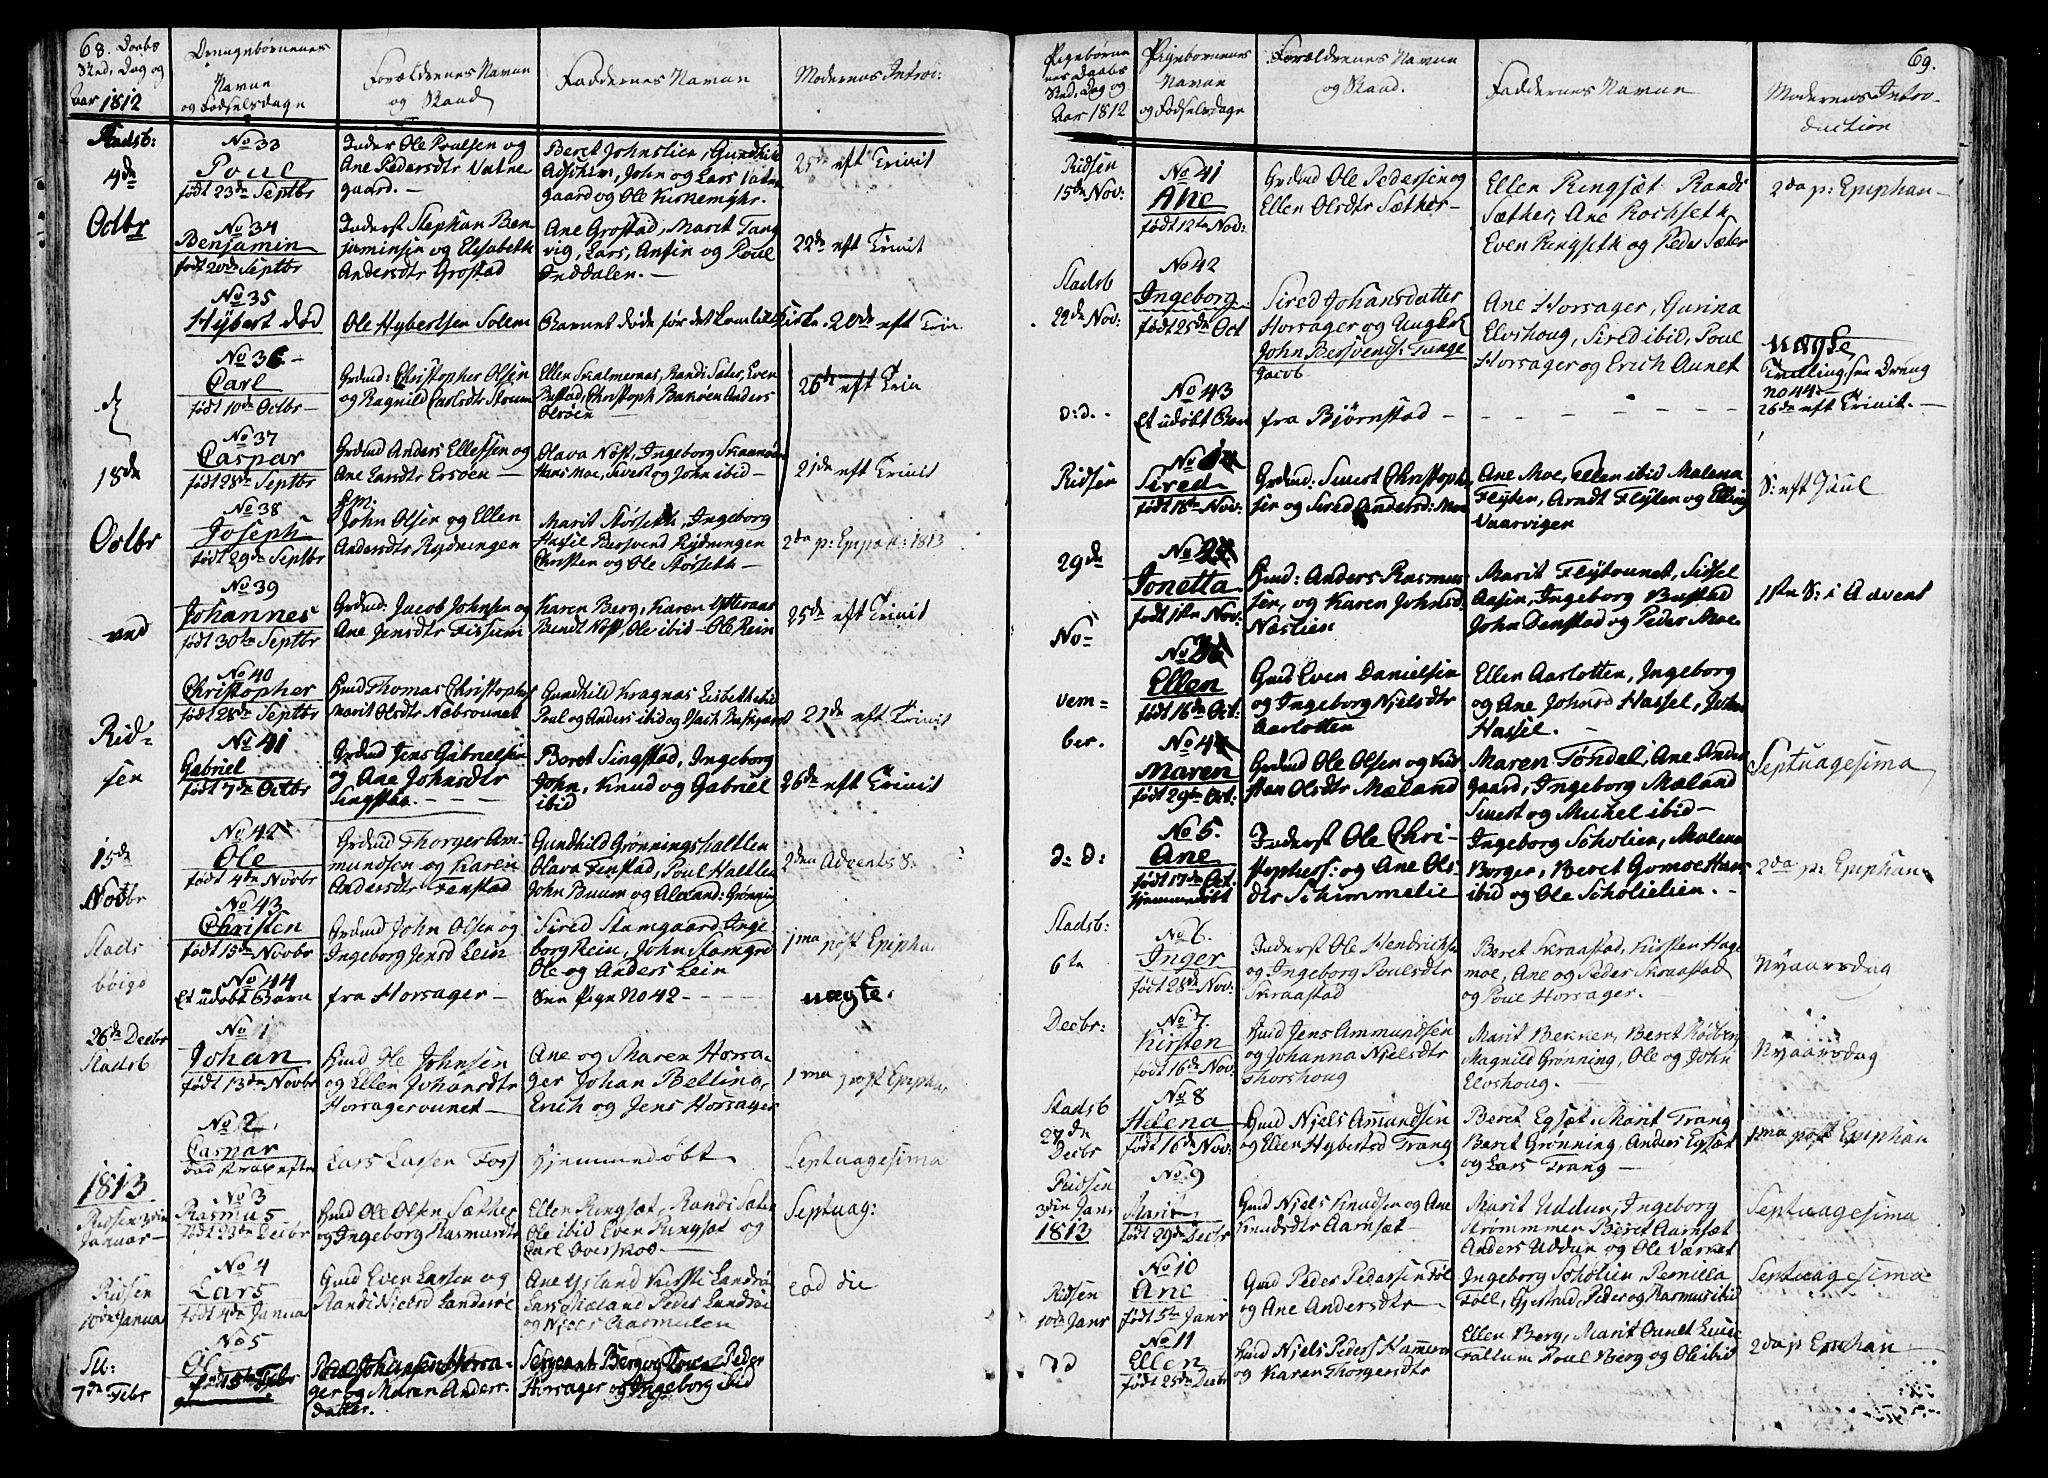 SAT, Ministerialprotokoller, klokkerbøker og fødselsregistre - Sør-Trøndelag, 646/L0607: Ministerialbok nr. 646A05, 1806-1815, s. 68-69